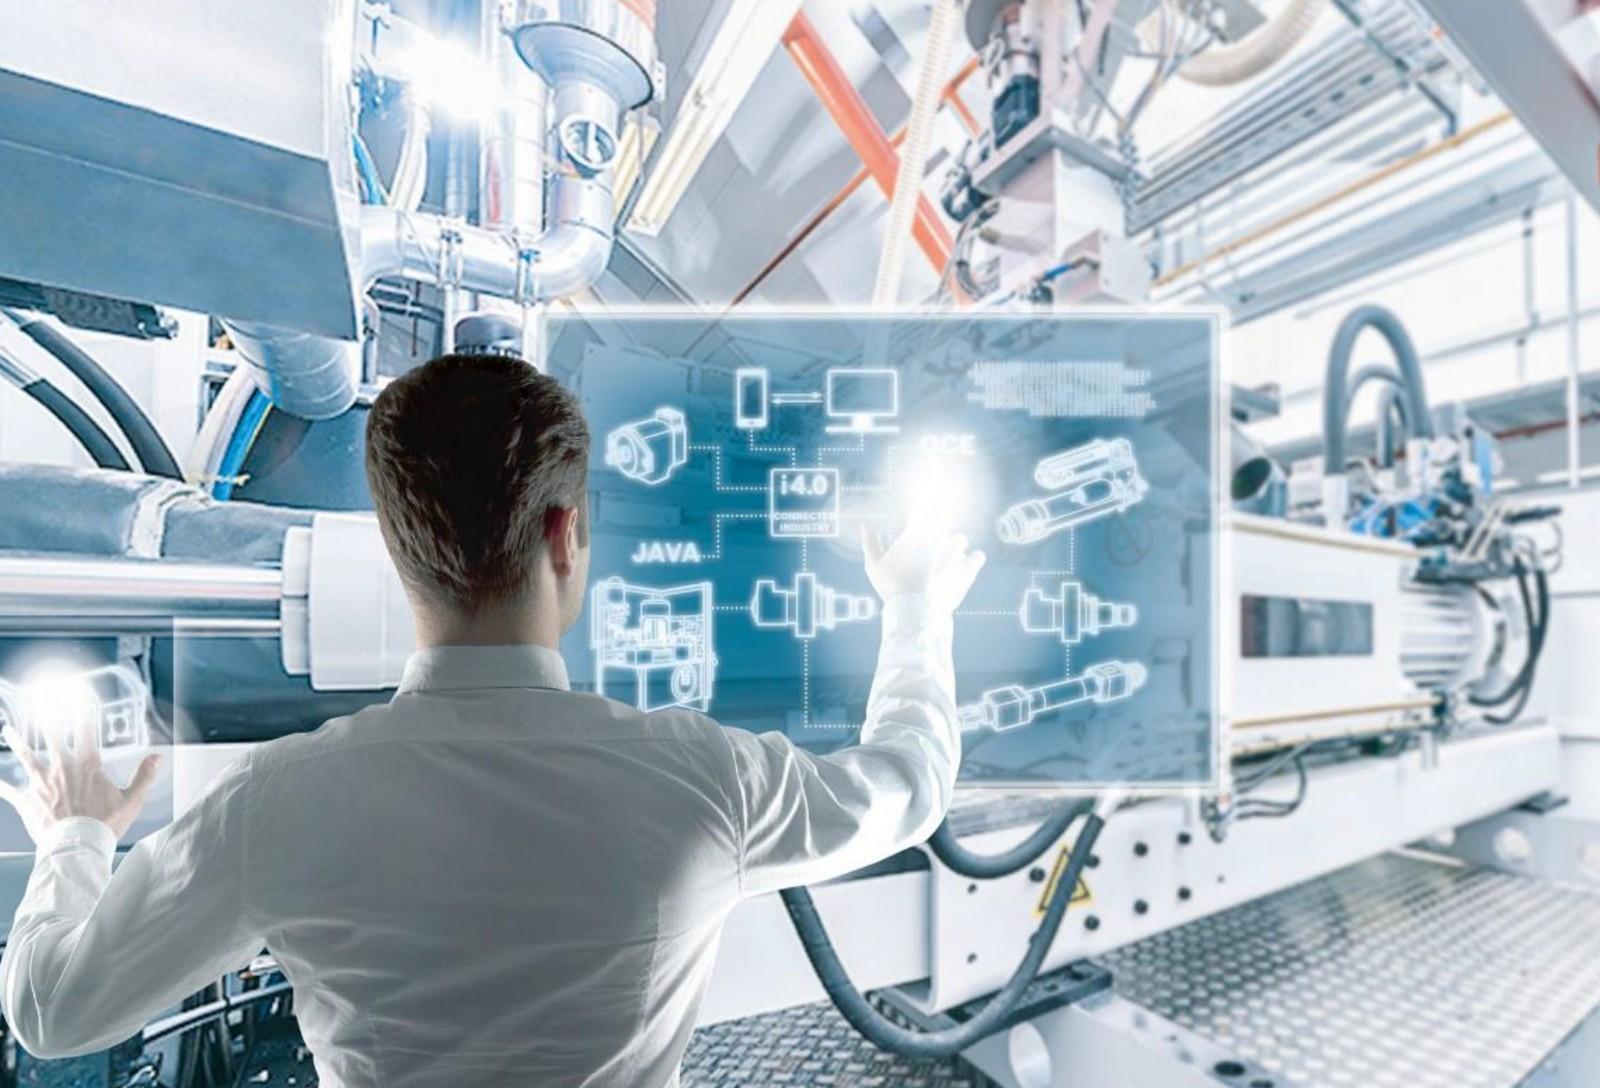 Bi-Rex, bando da 1,2 mln per progetti innovativi aziende